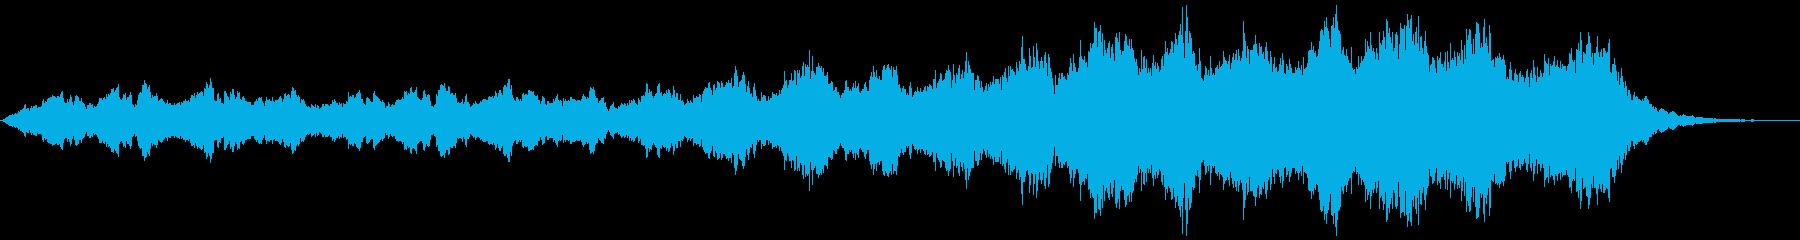 シンセサイザーを使用したアンビエントの再生済みの波形